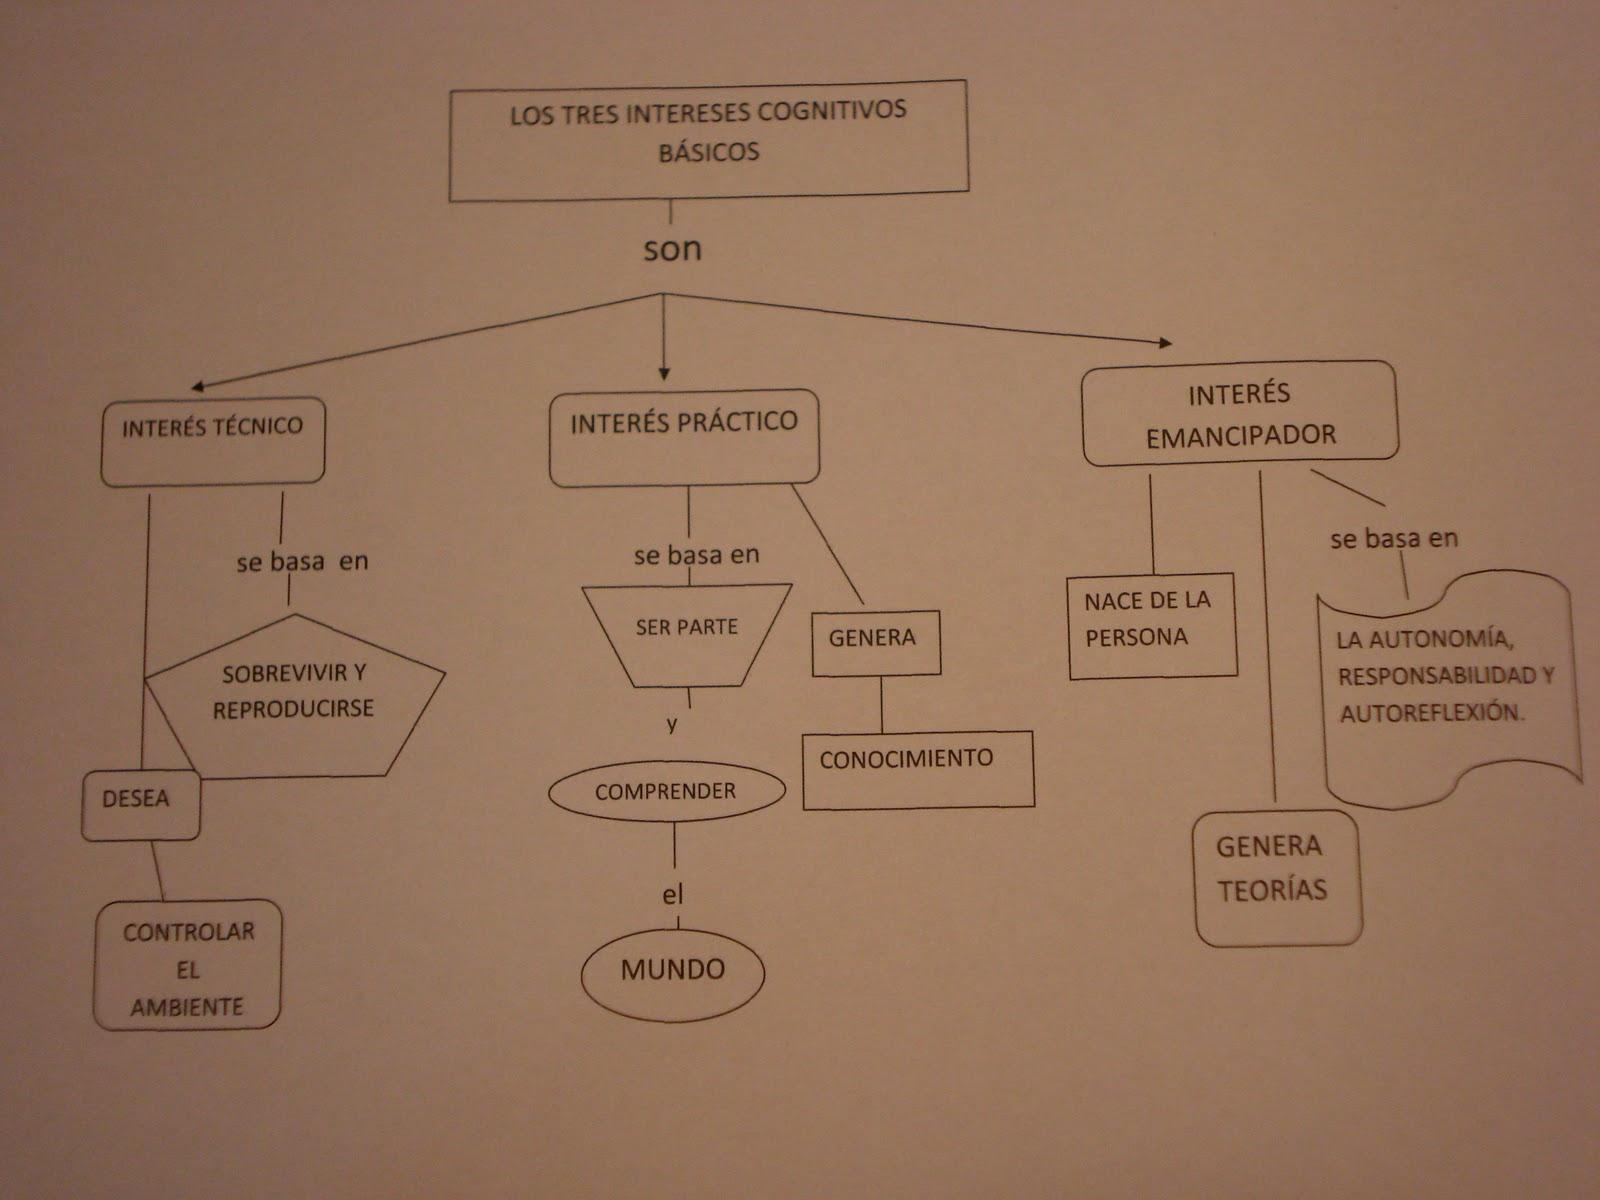 intereses cognitivos b u00e1sicos  marco conceptual  lectura producto o praxis del curriculum de grundy